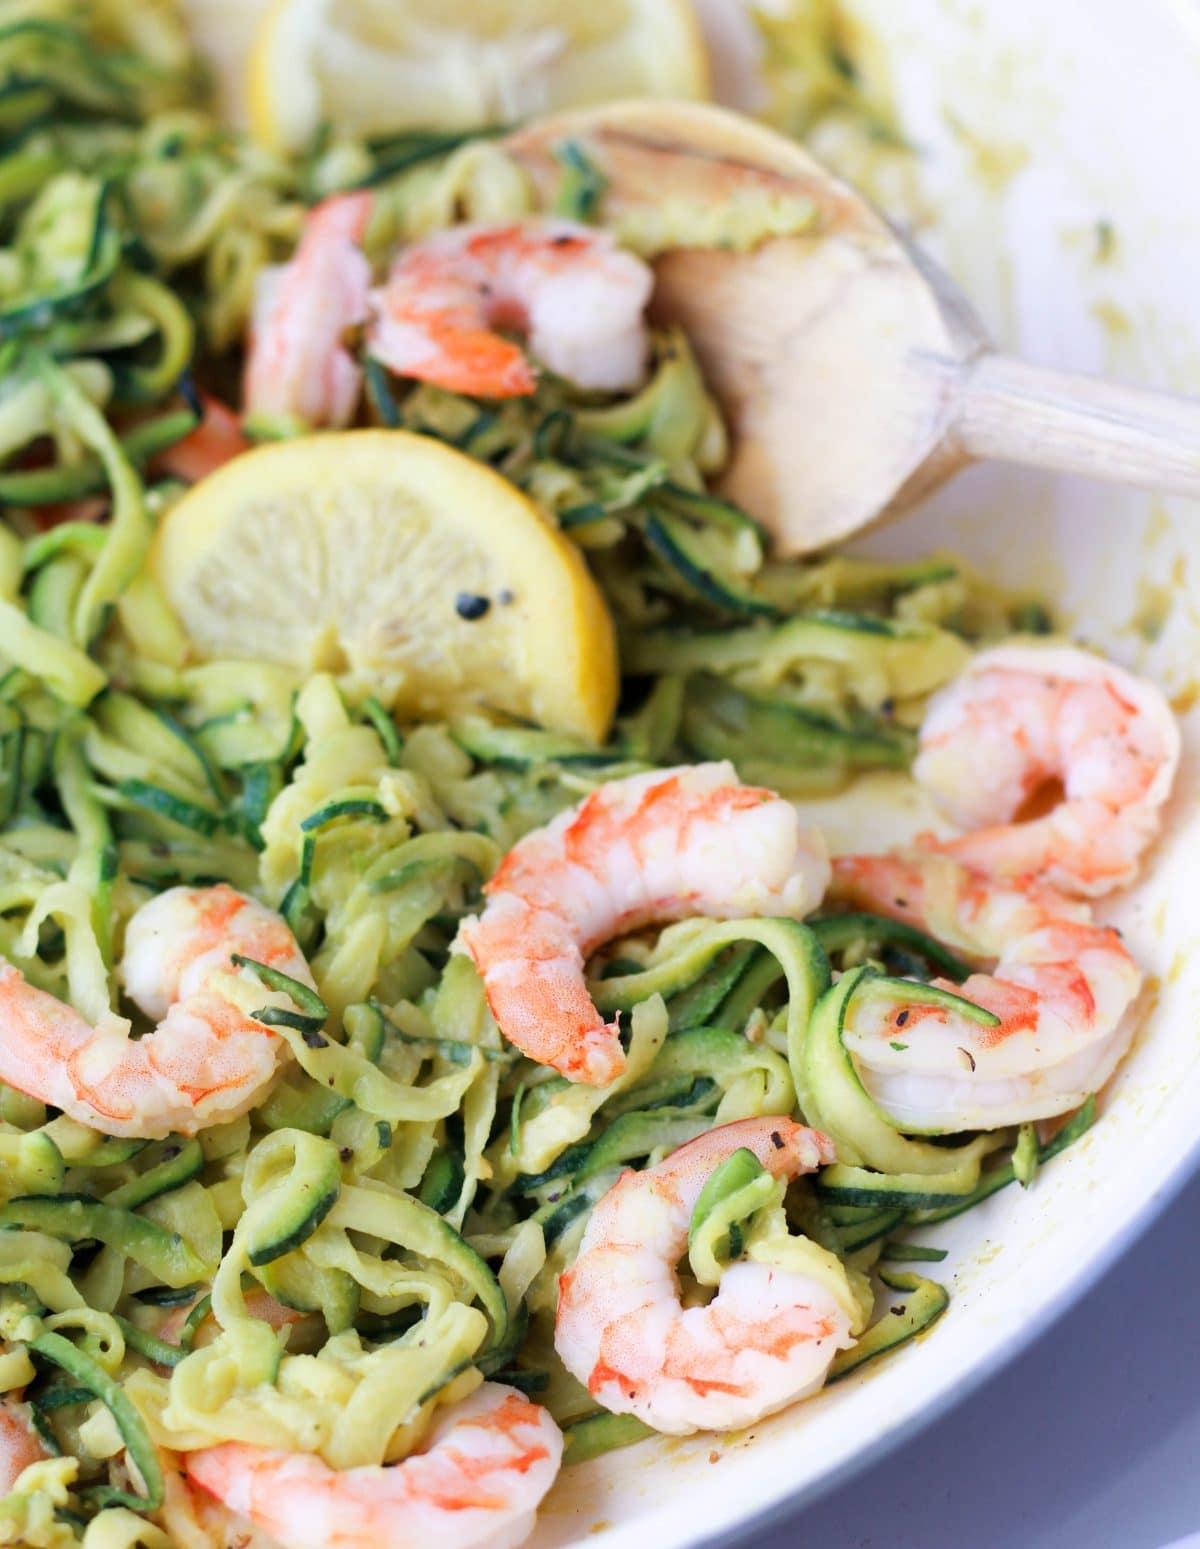 zucchini-noodles-lemon-shrimp-image